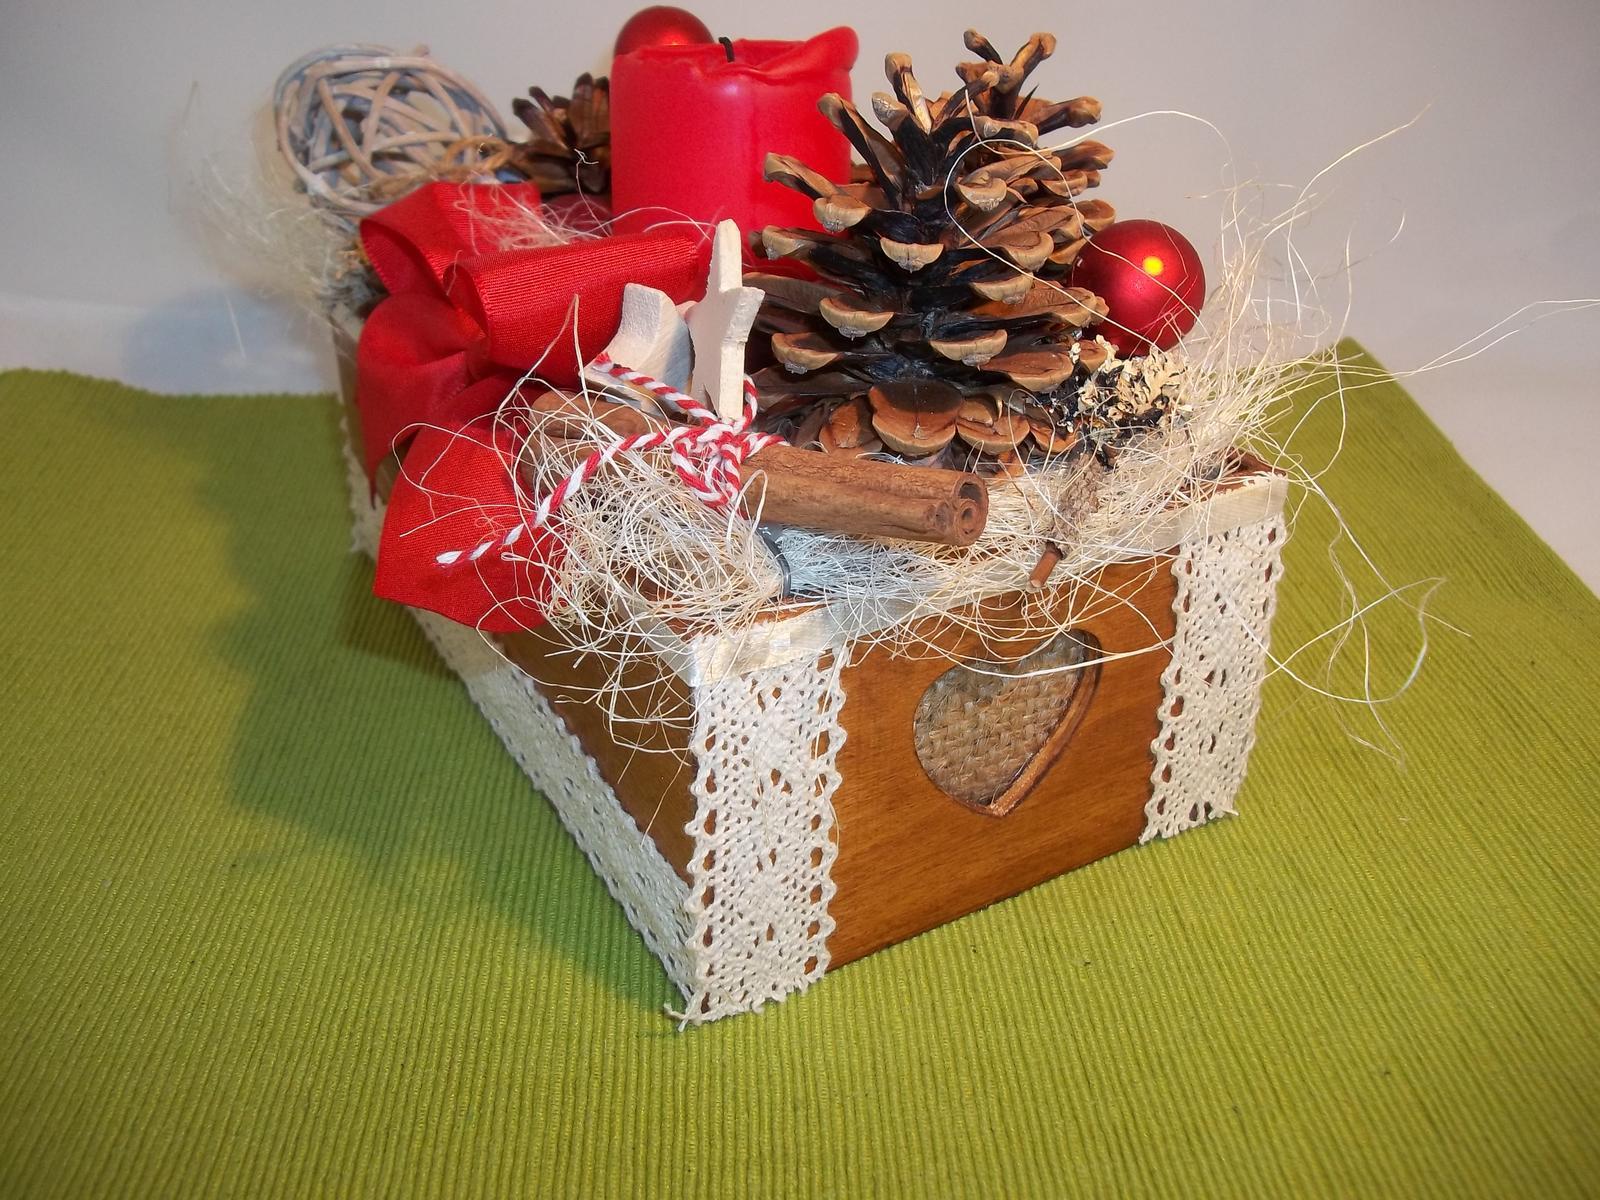 Vianočná dekorácia,cena je s poštovným - Obrázok č. 3